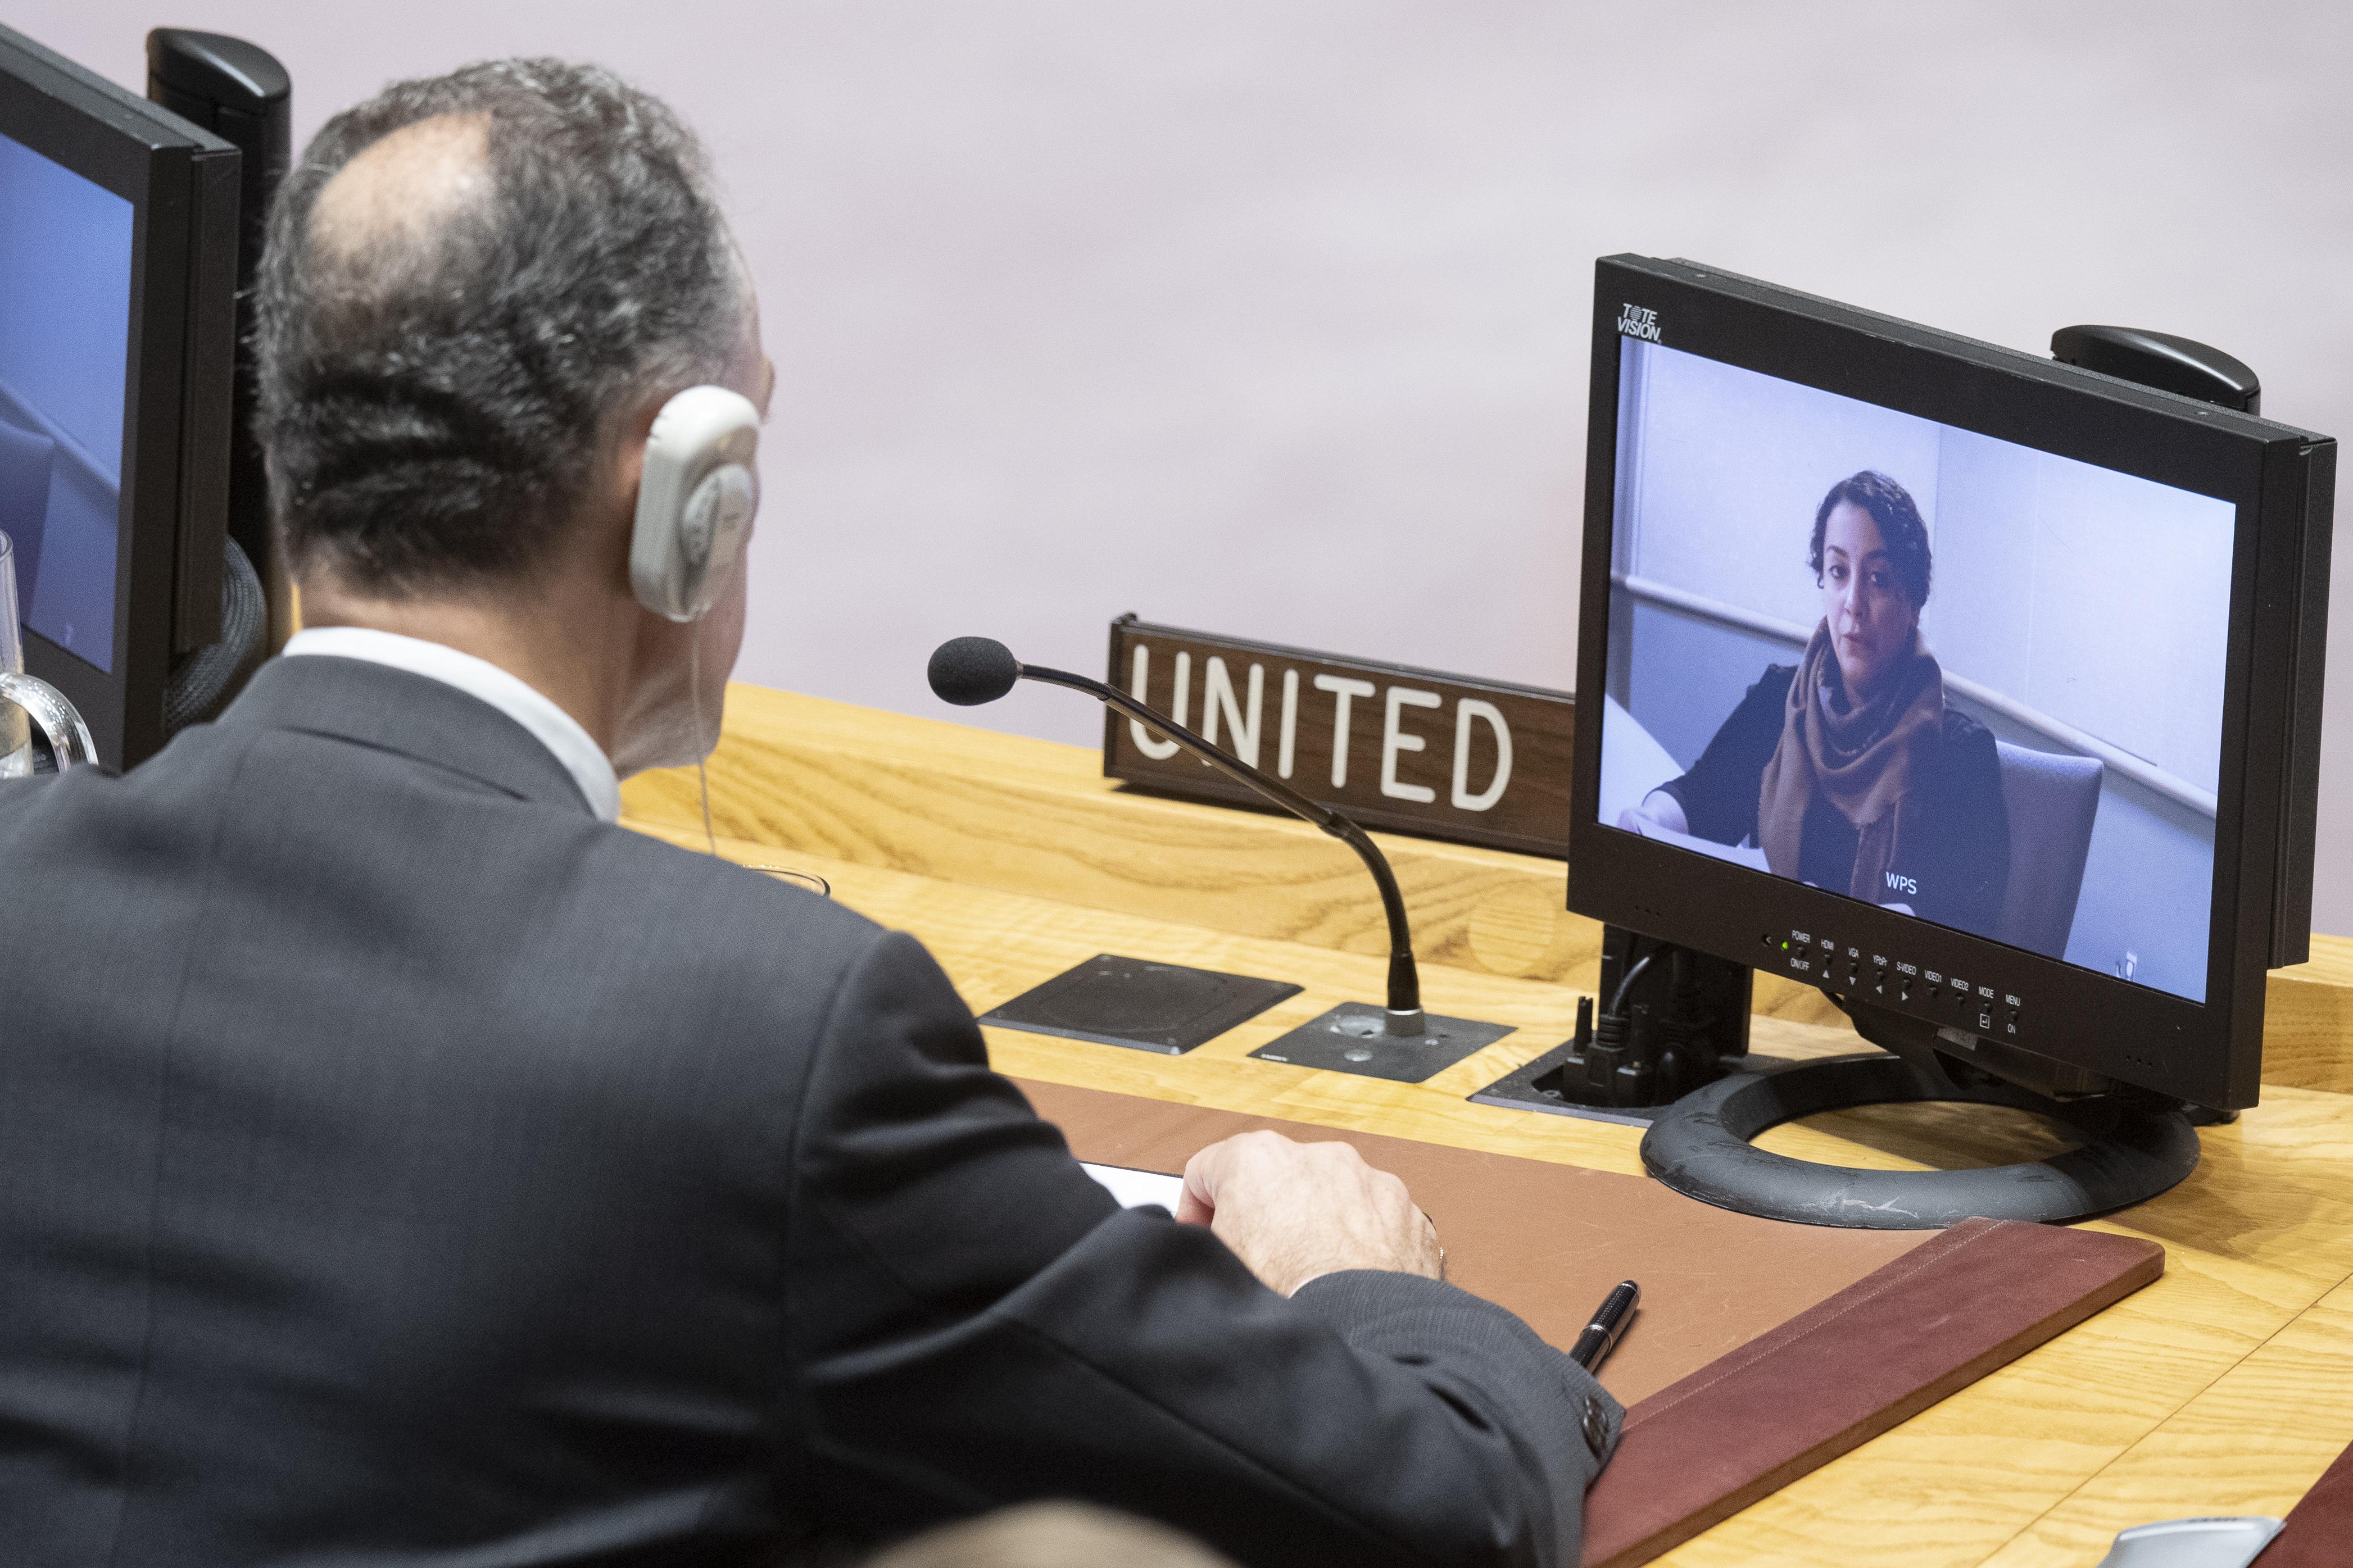 UN Security Council Briefing on Yemen by Rasha Jarhum